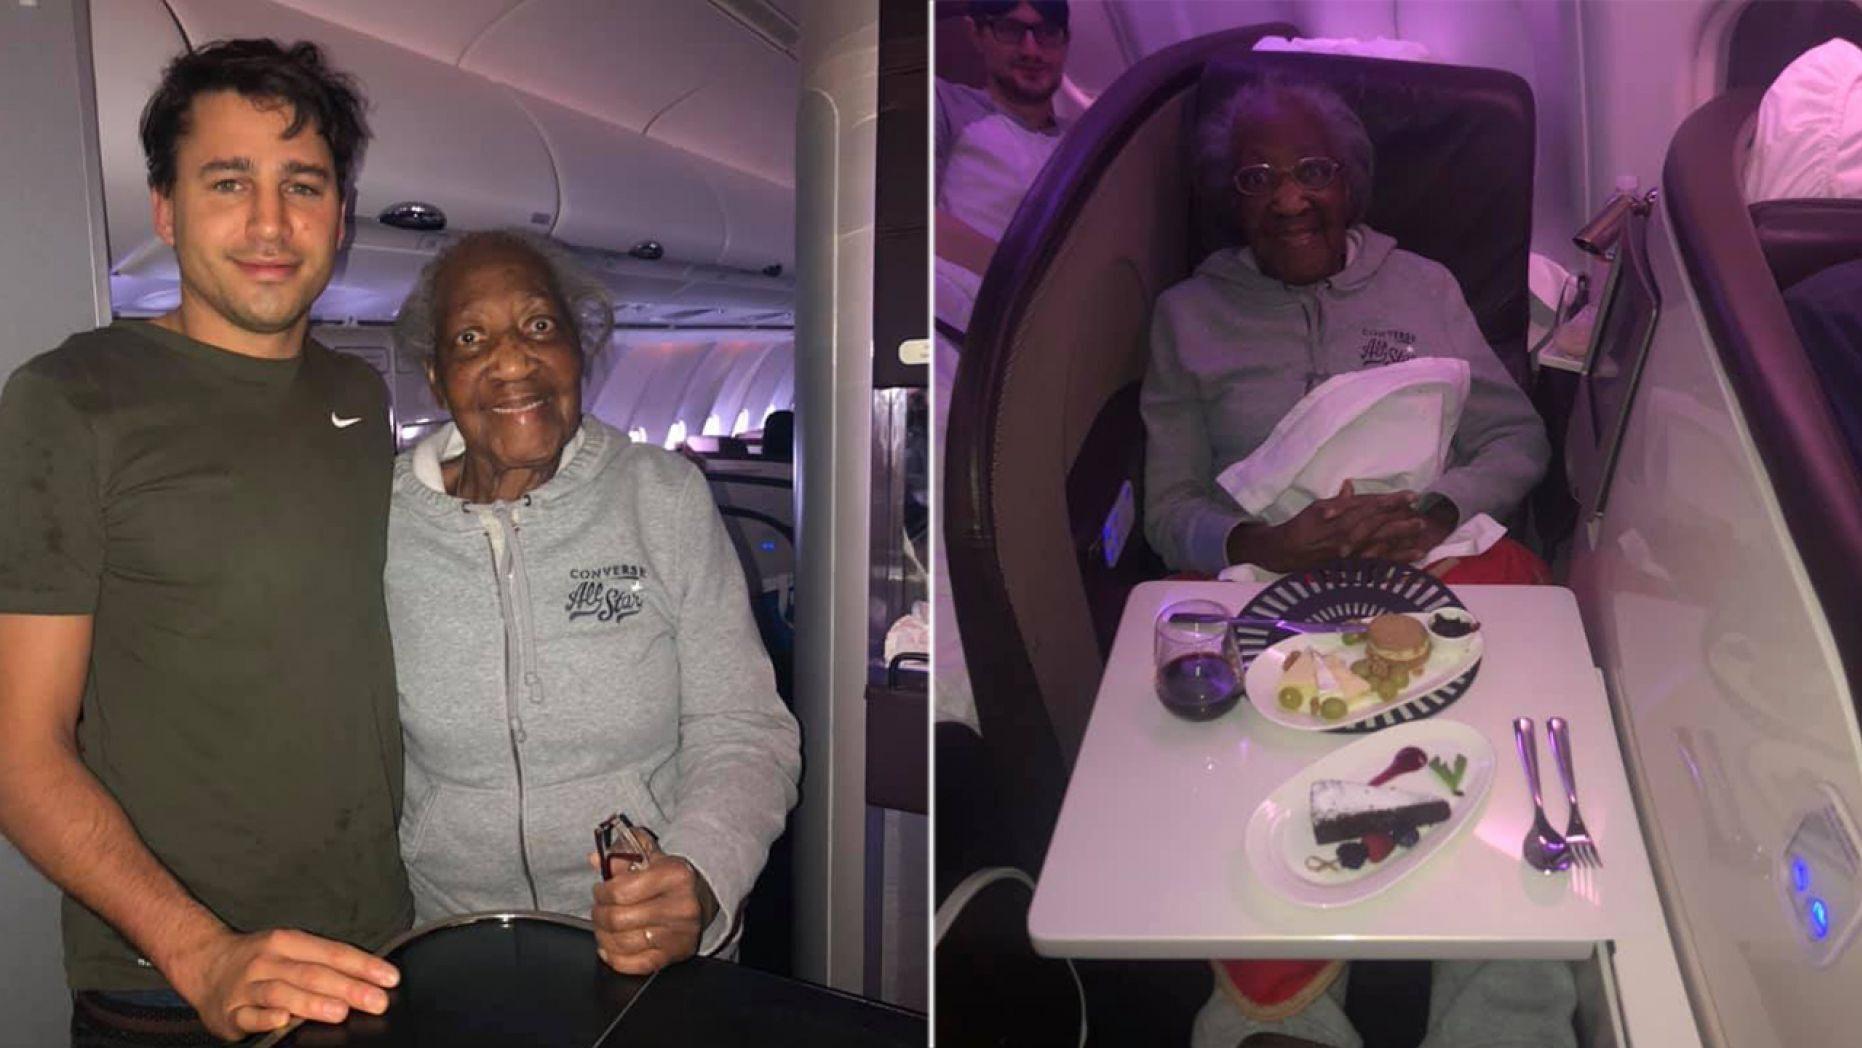 passageiro avião cede assento idosa voo